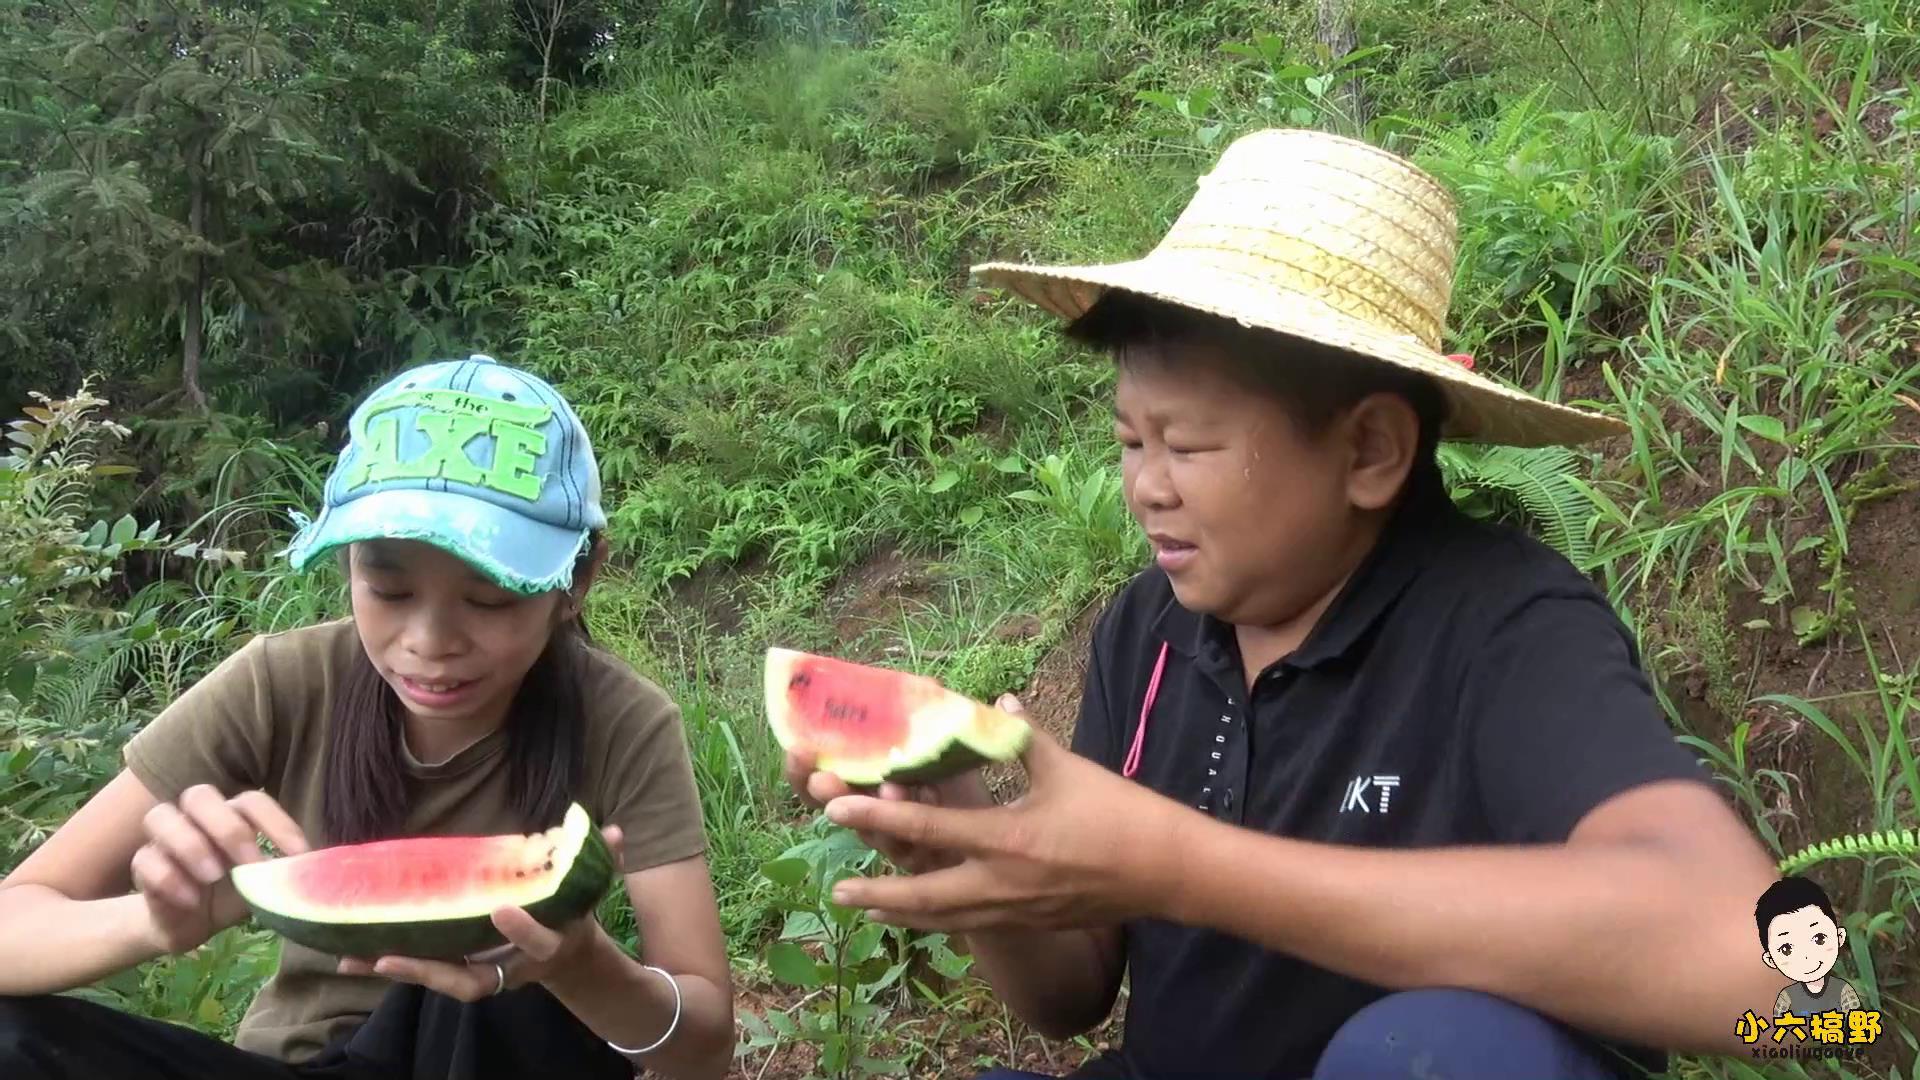 小六和六嫂到山上摘西瓜,瓜虽已过季,但不妨碍小六夫妇甜蜜吃瓜